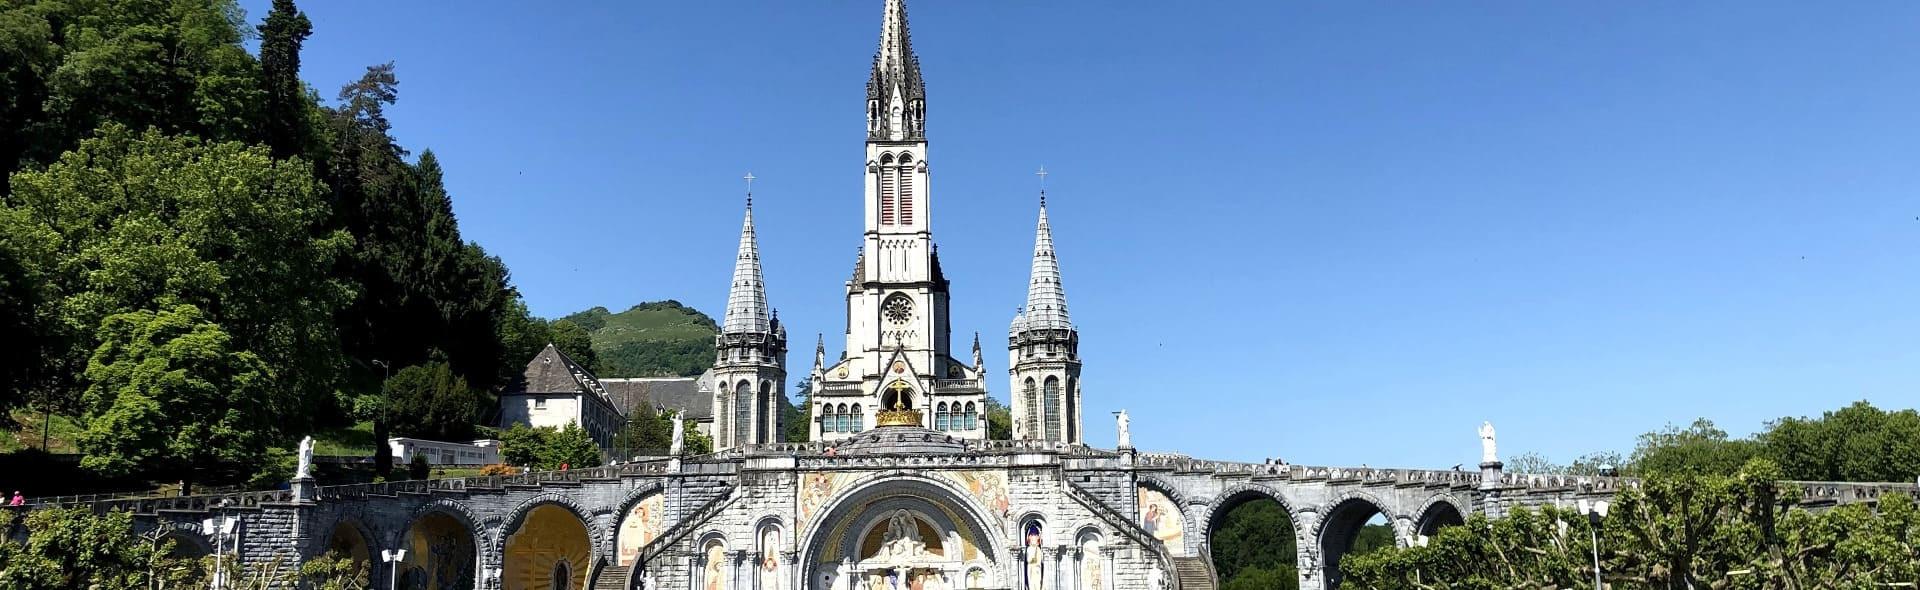 Viaggio a Lourdes in Aereo da Milano 11 Febbraio